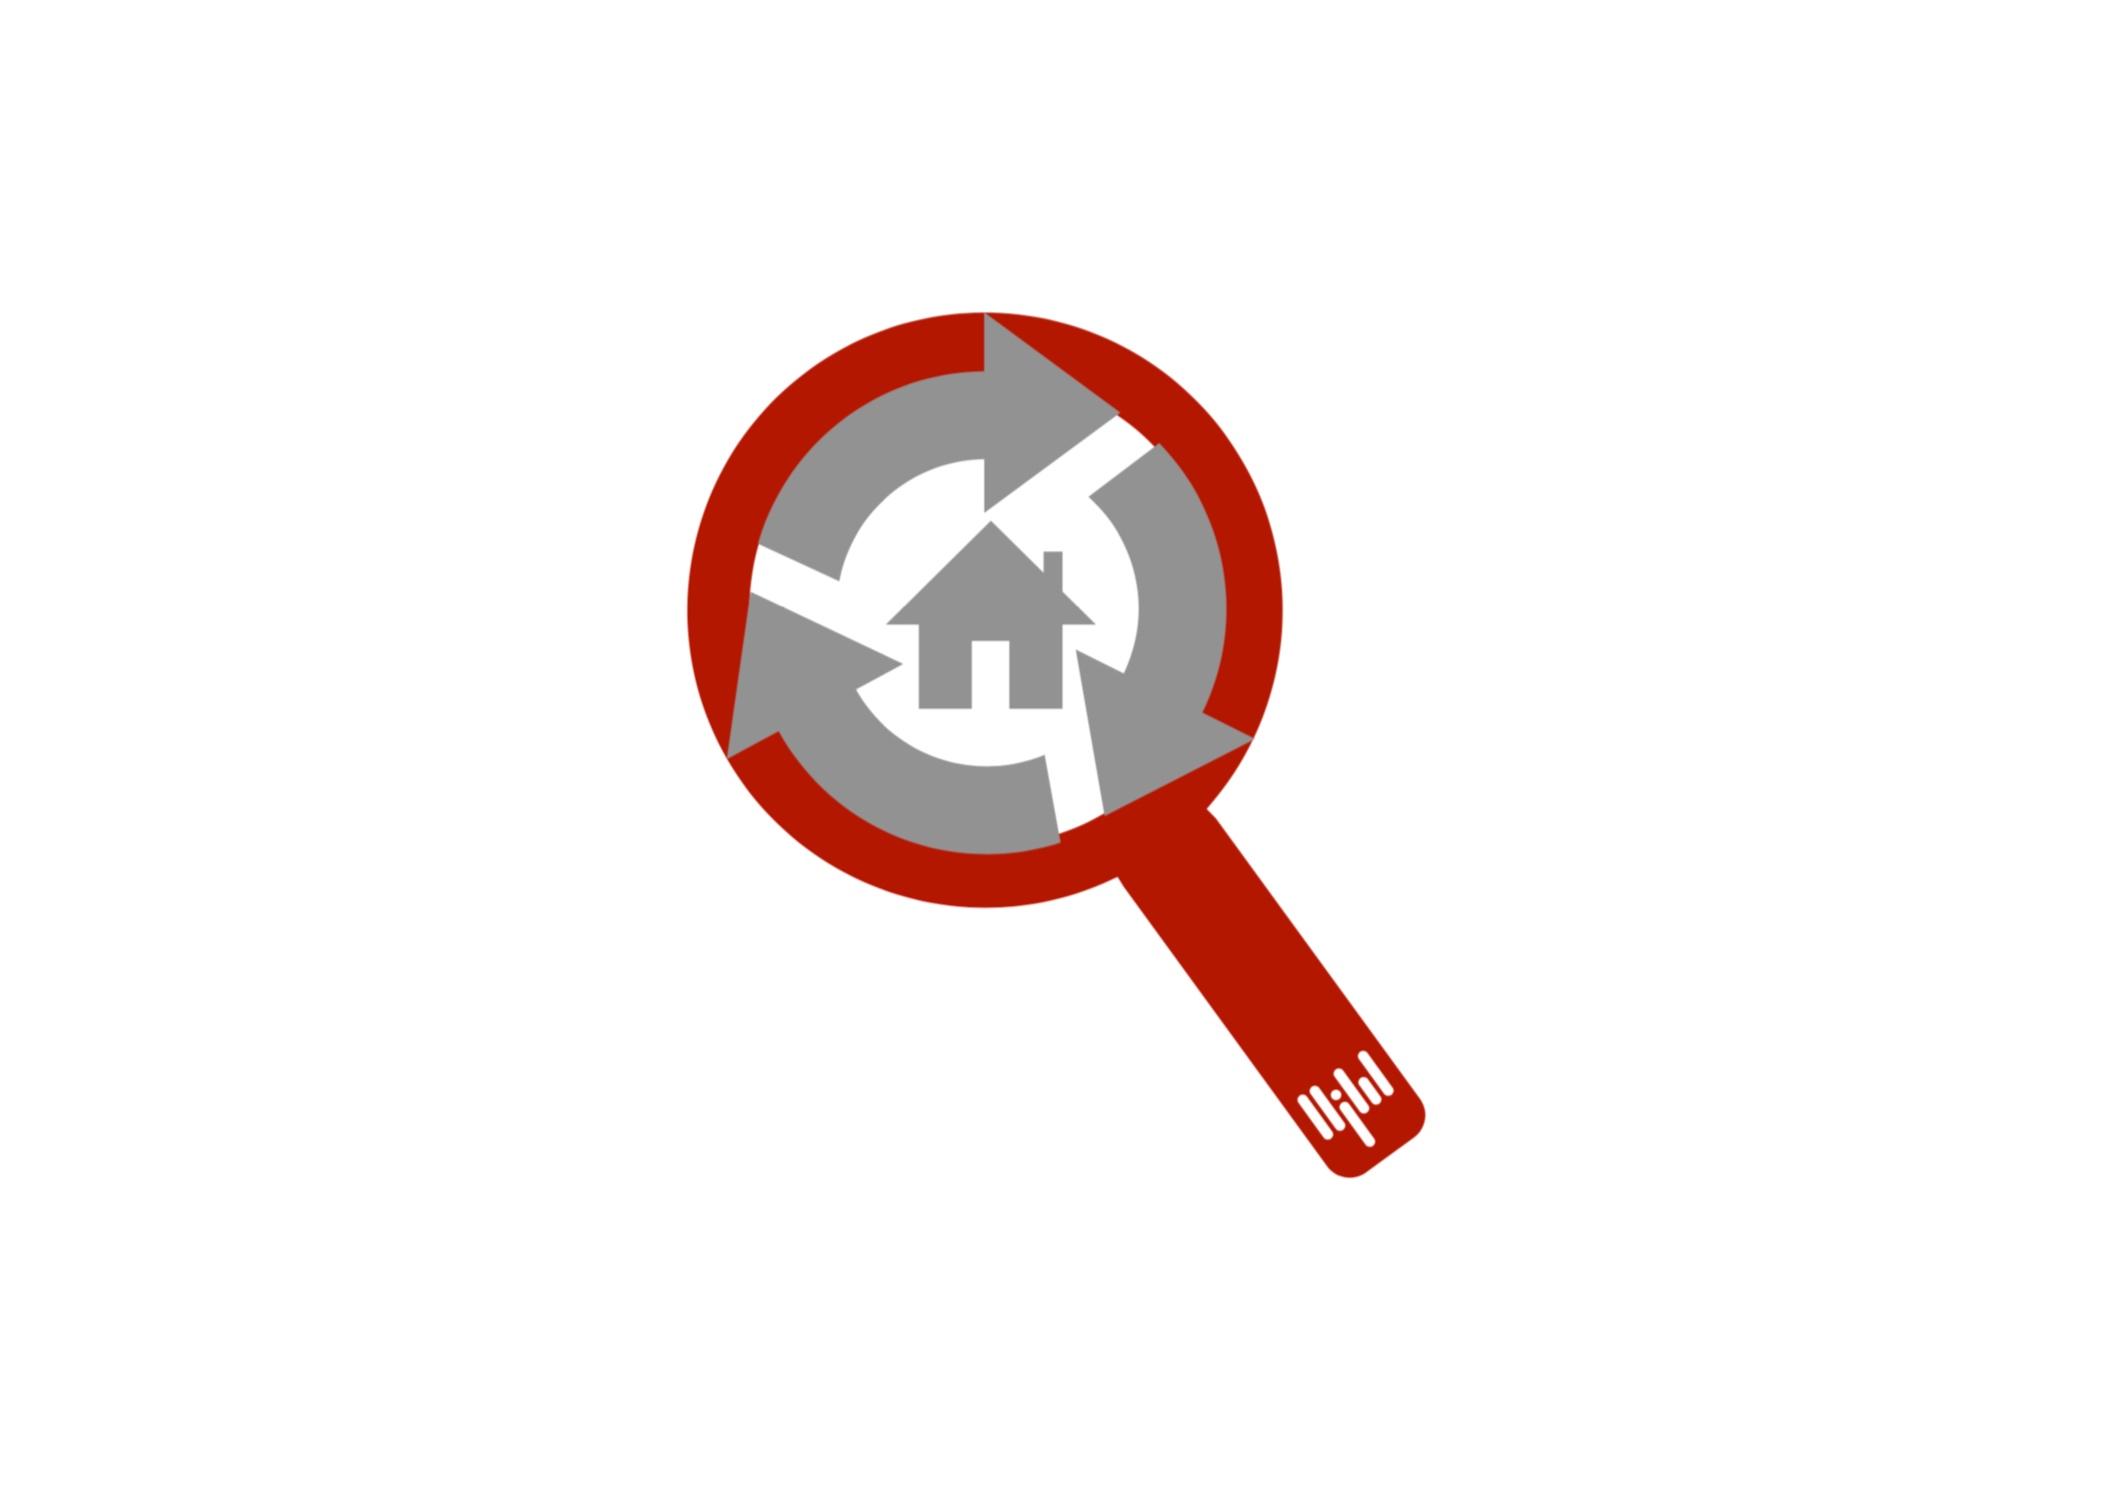 8. Objektüberwachung - Überwachung der Ausführung des Baus.